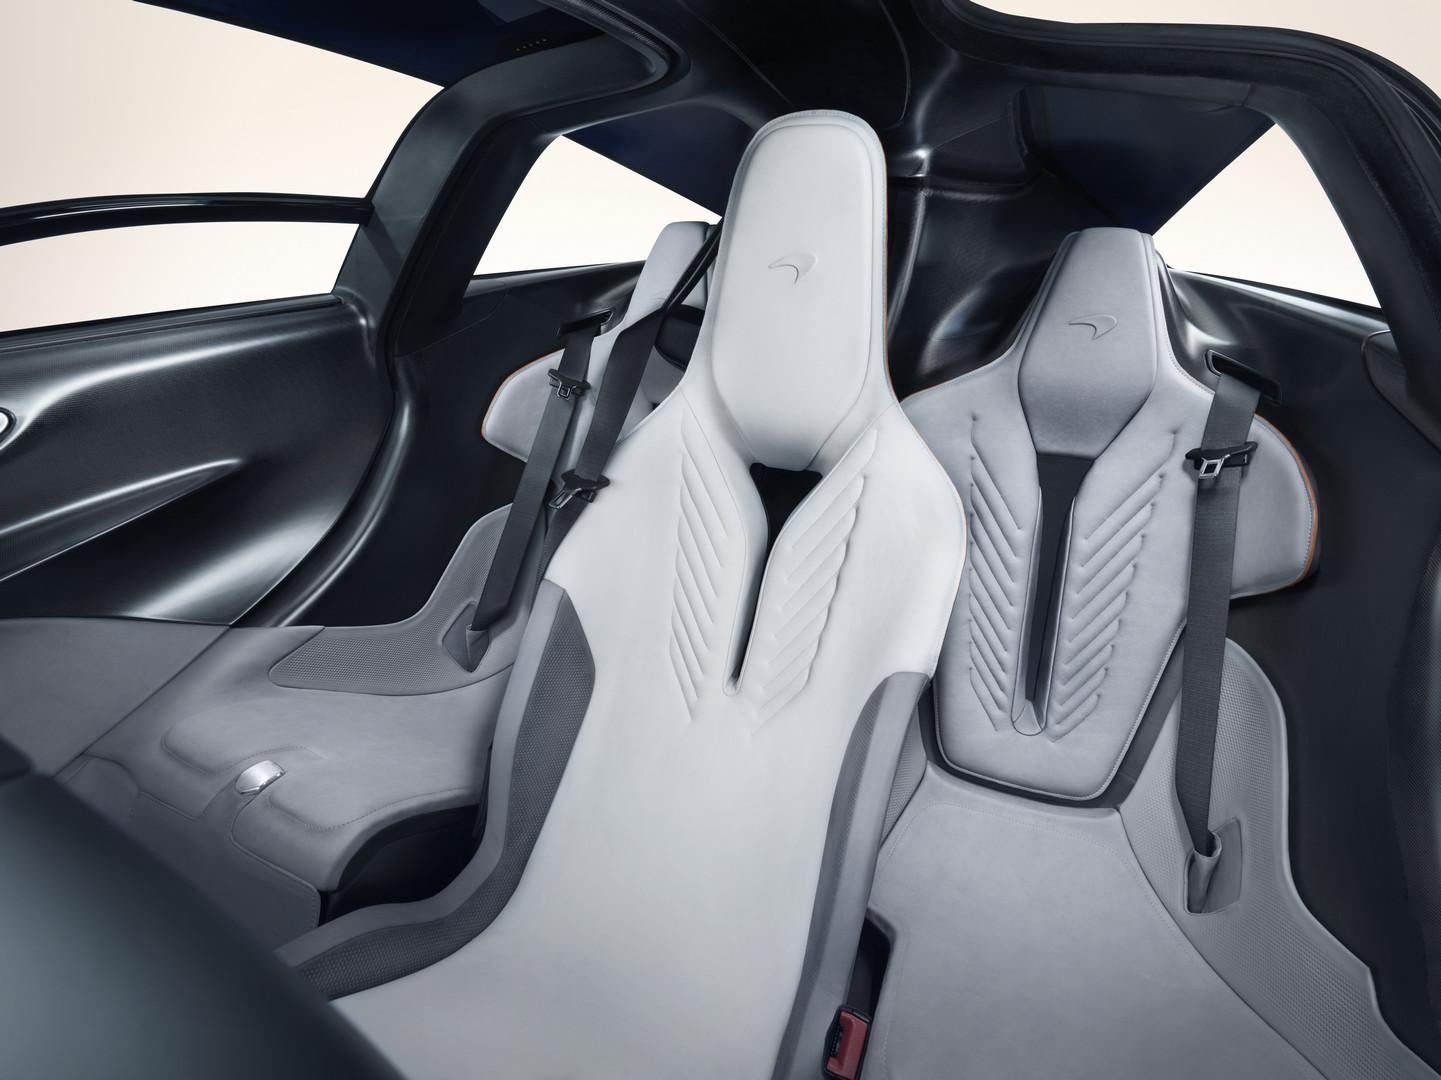 McLaren Speedtail Seats